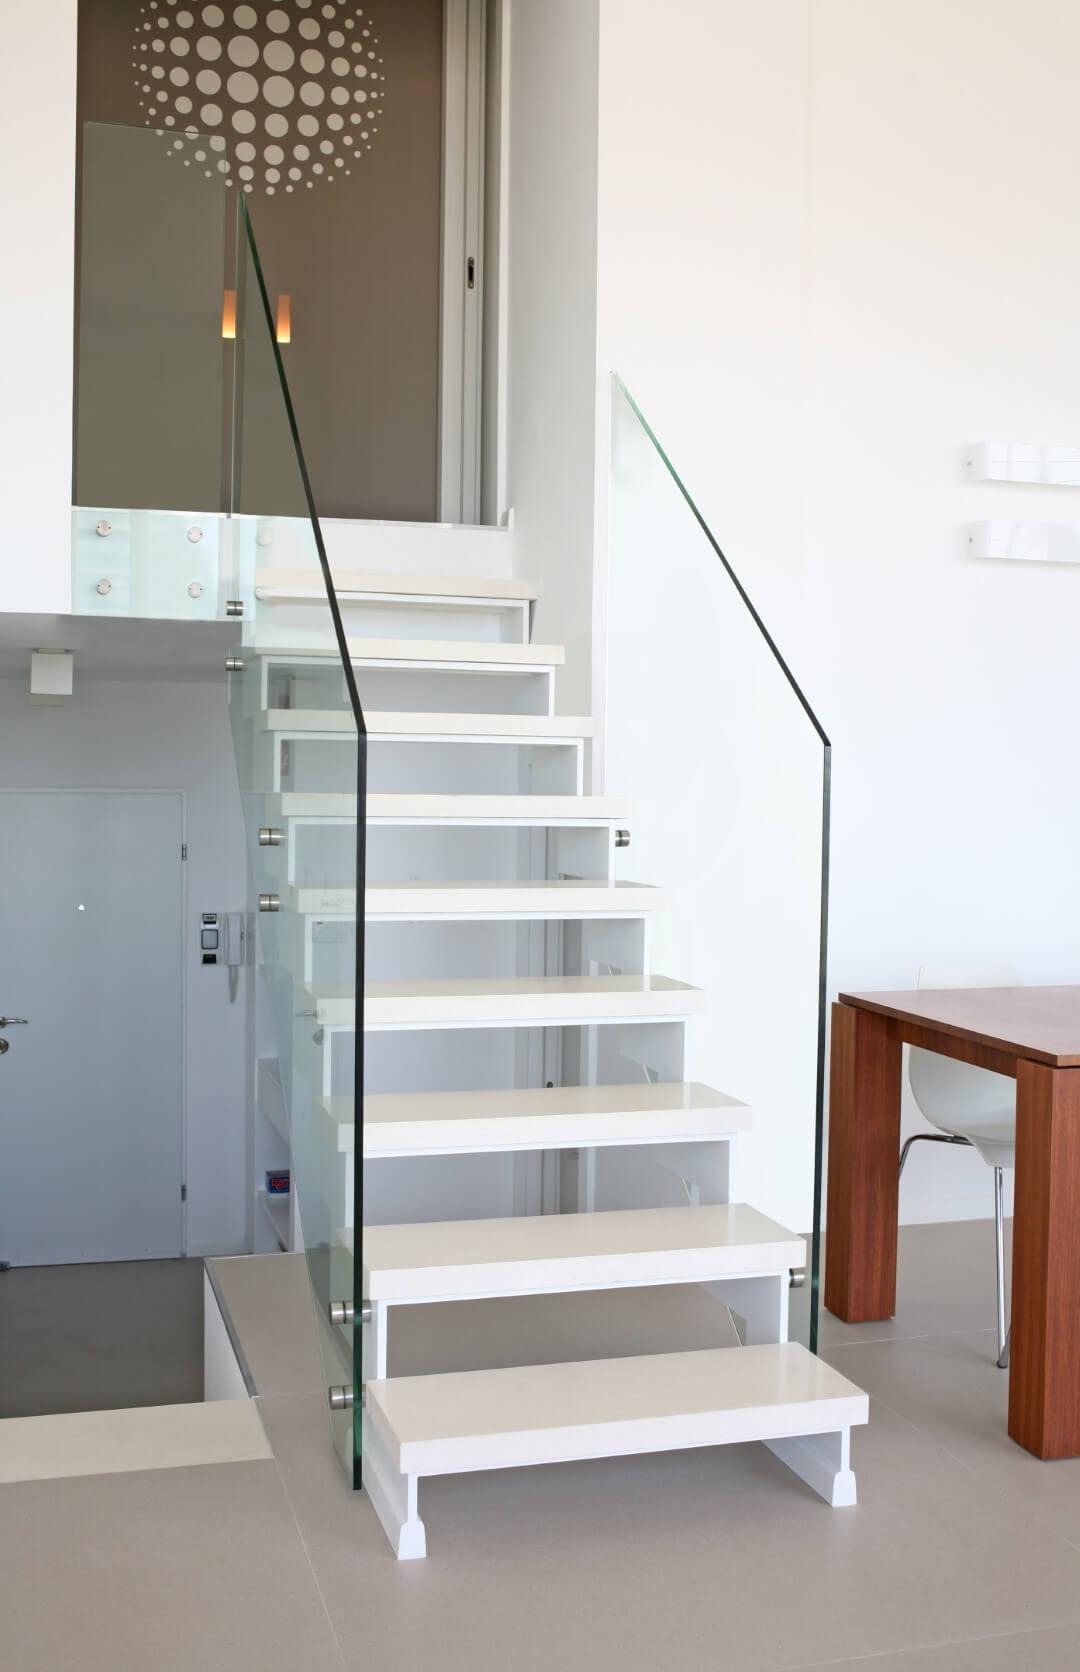 מדרגות צפות משיש לבן עם מעקה זכוכית שקוף מחברות את שתי קומות בוילה